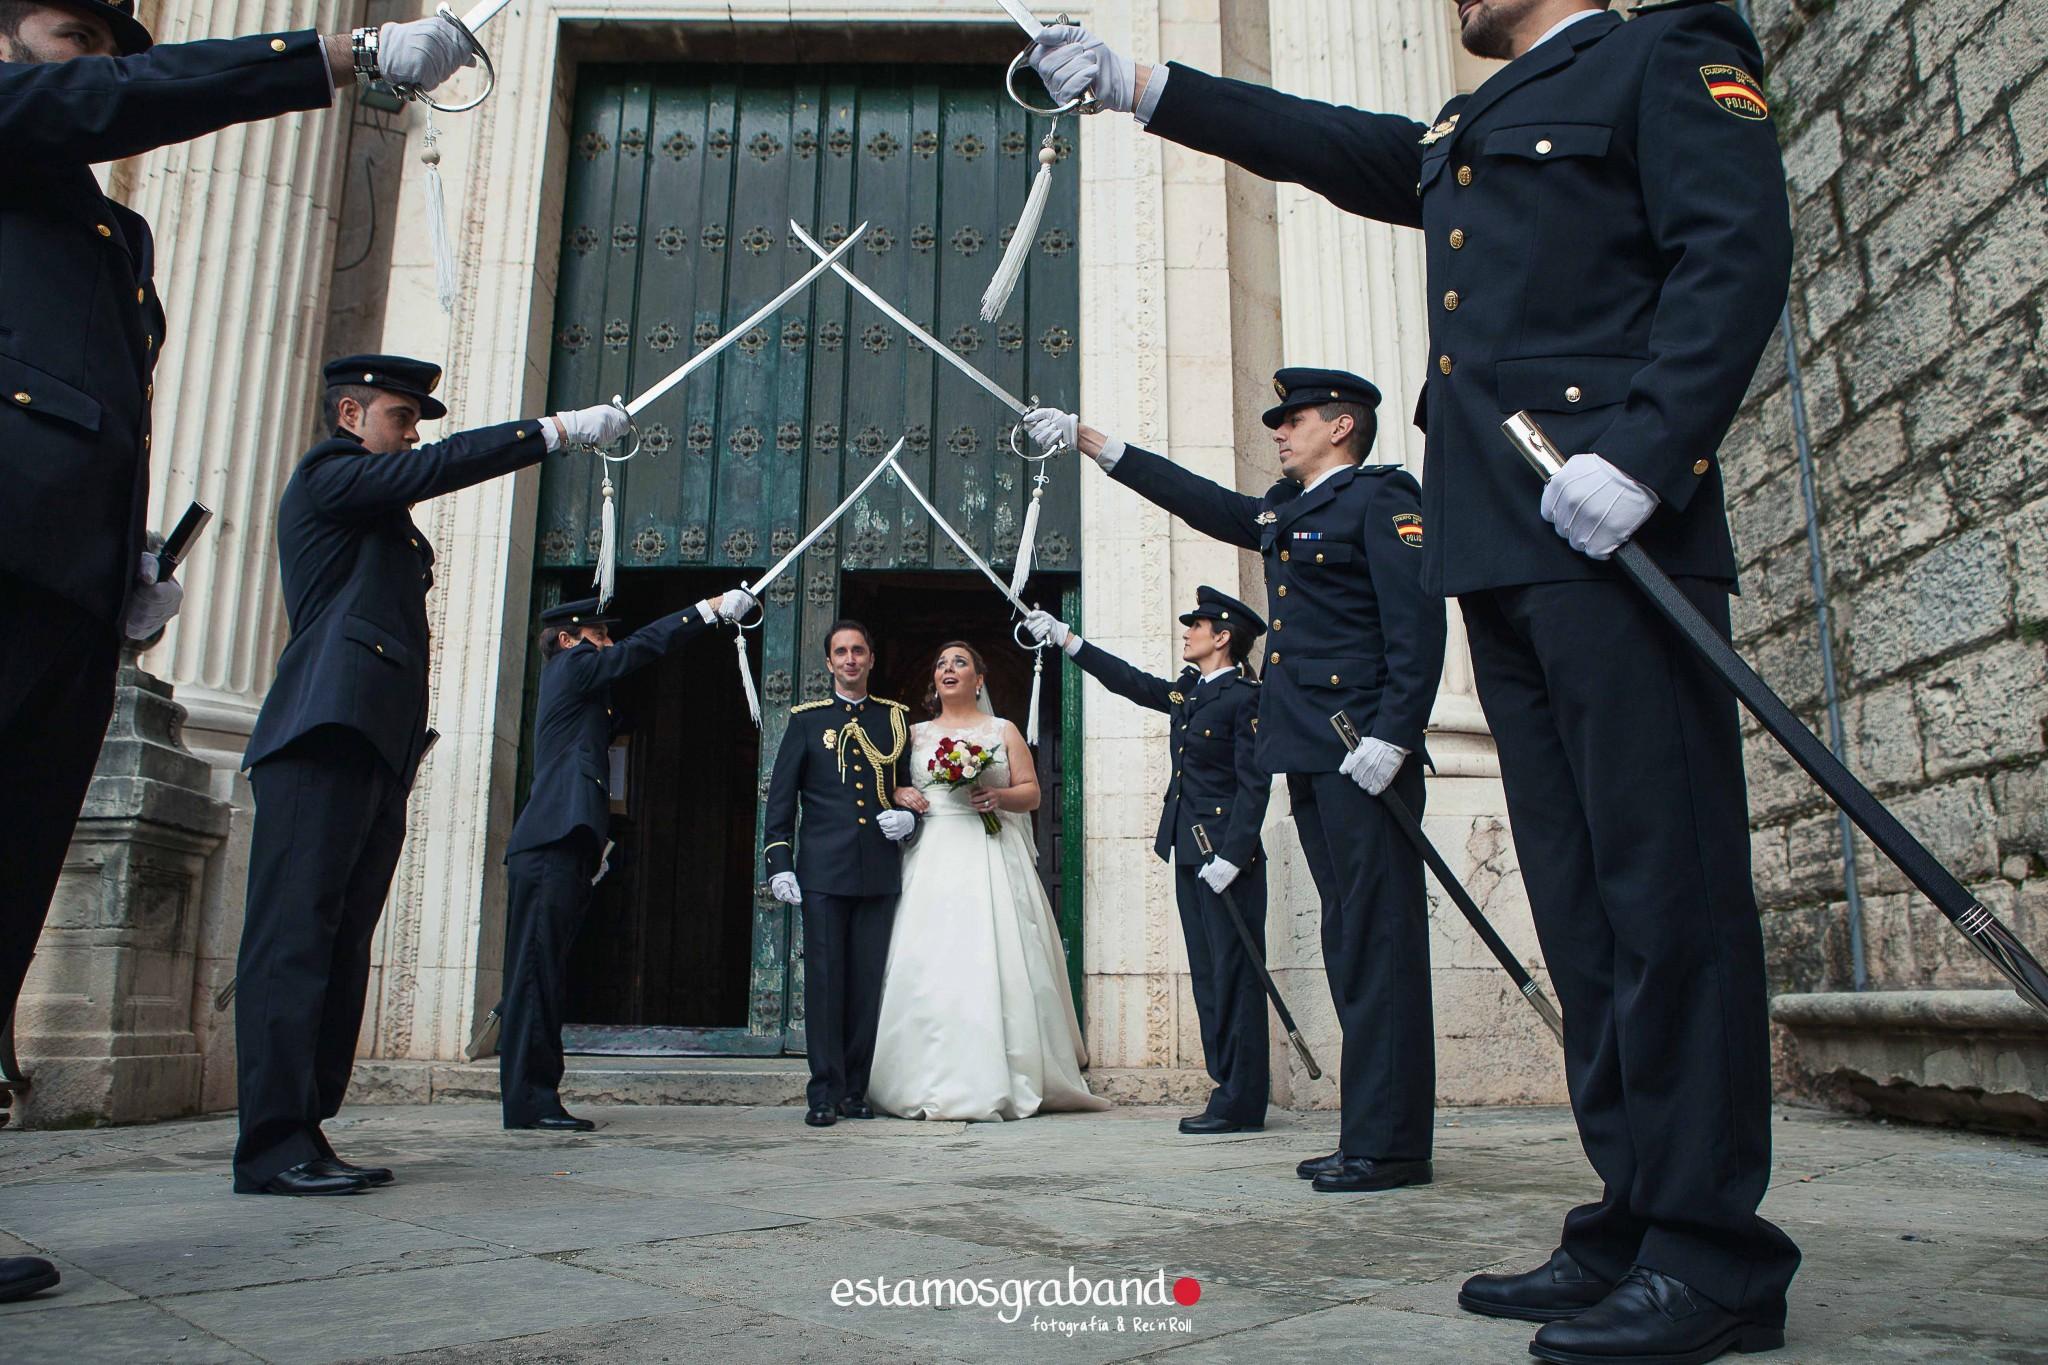 amparo-agustin_fotografia-boda_boda-jaen_jaen-fotografia-bodas_reportaje-boda_reportaje-boda-jaen_fotos-boda_fotos-jaen-25 ¡Alto ahi! [Boda Amparo & Agustín_Fotografía de bodas en Jaén] - video boda cadiz